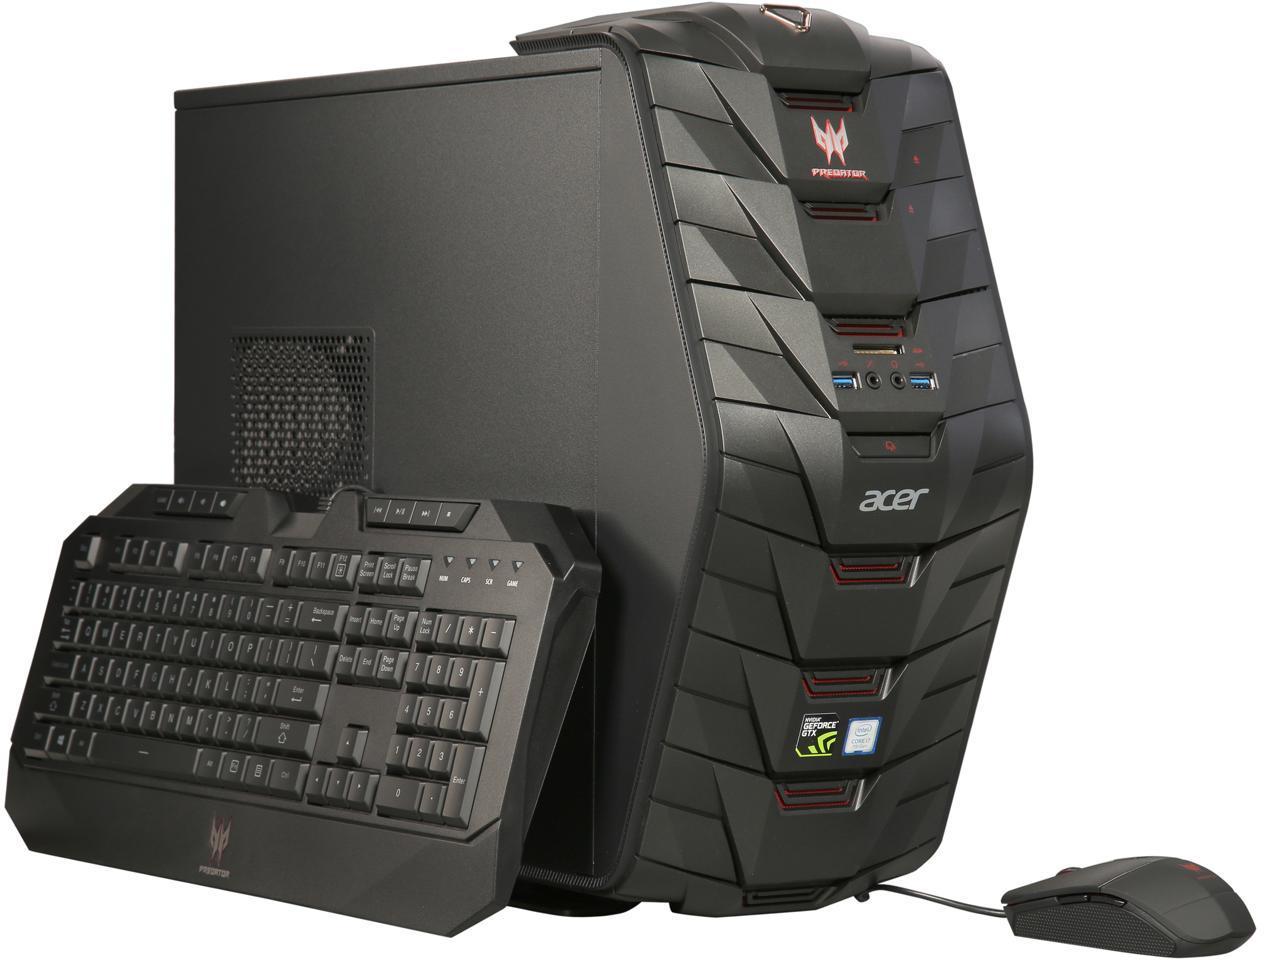 Desktops,Newegg.com